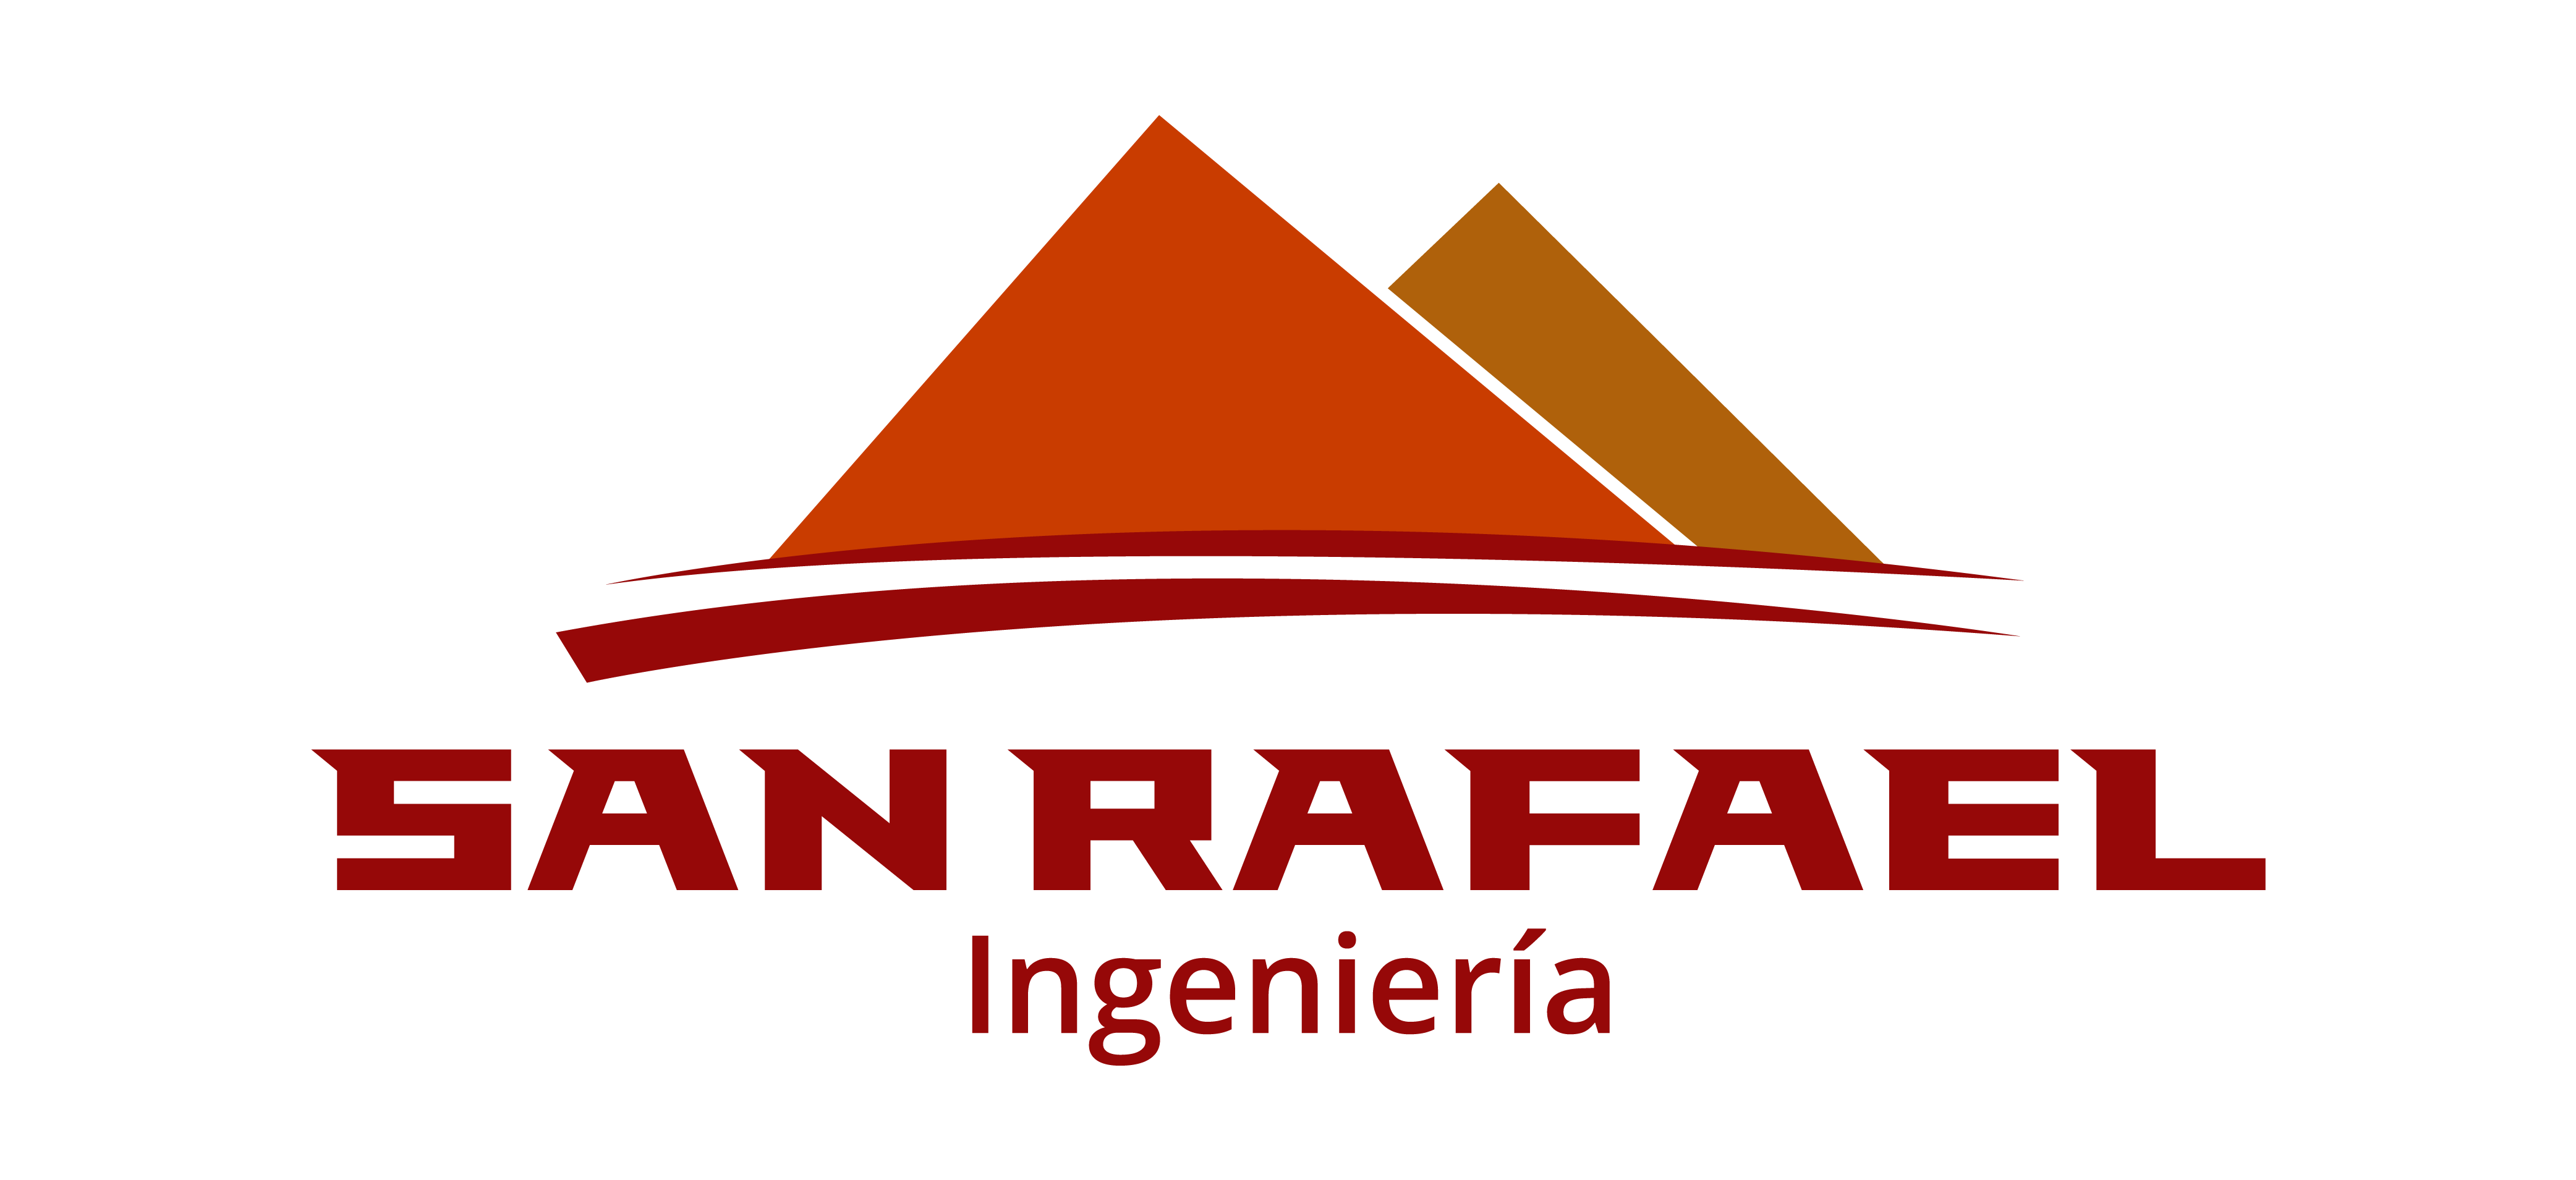 San Rafael Ingenieria